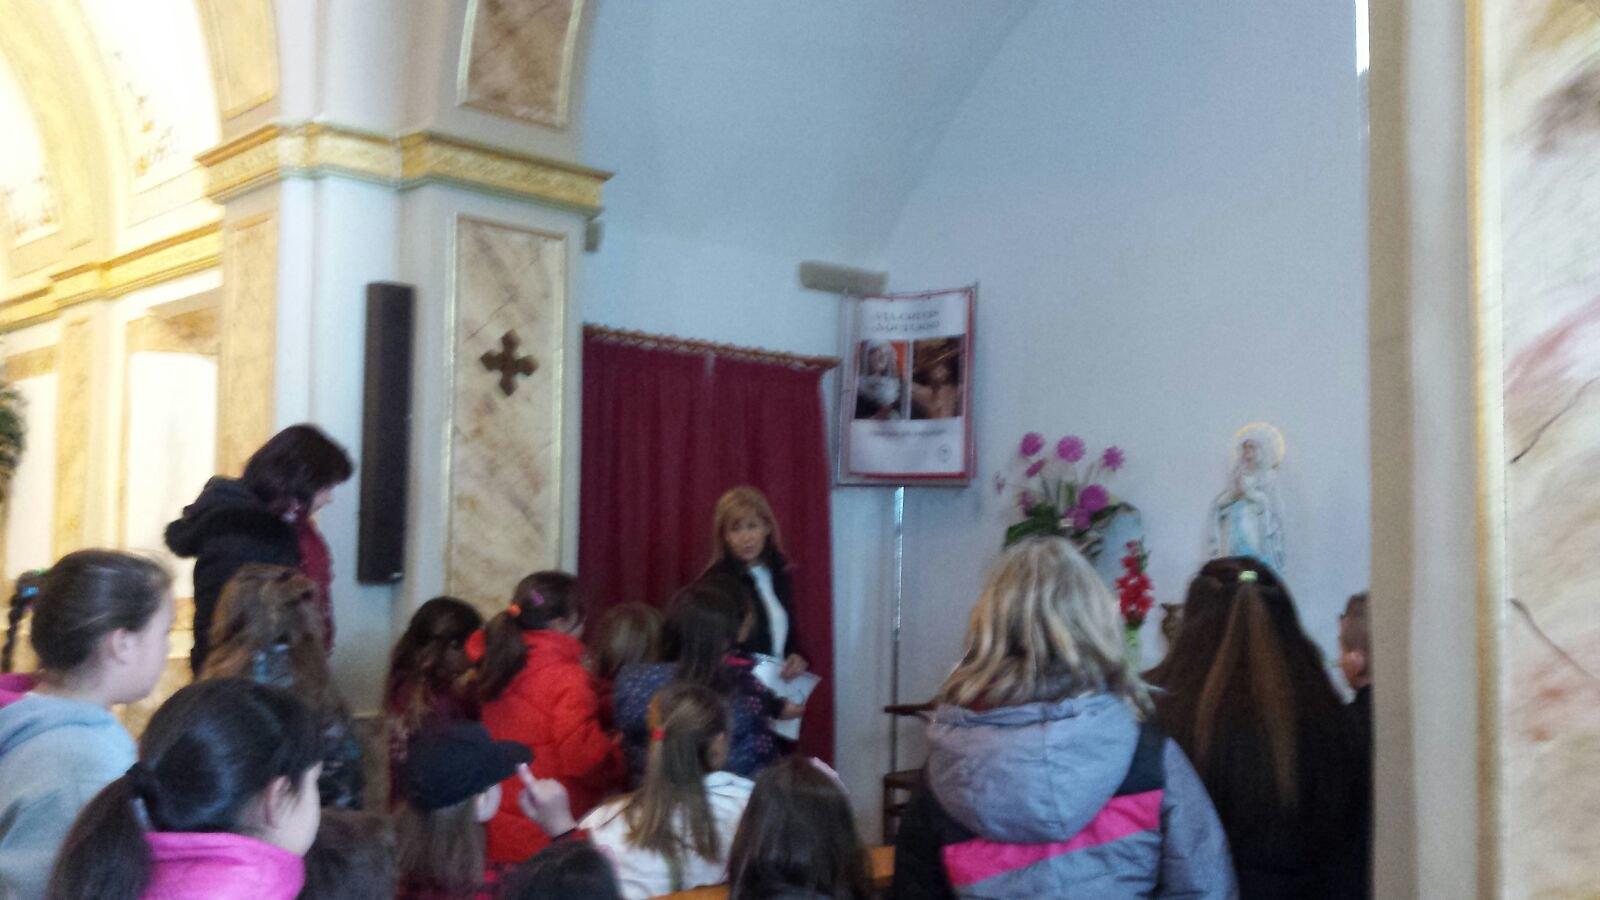 (2018-03-22) - Visita ermita alumnos Laura,3ºC, profesora religión Reina Sofia - Marzo -  María Isabel Berenguer Brotons (12)